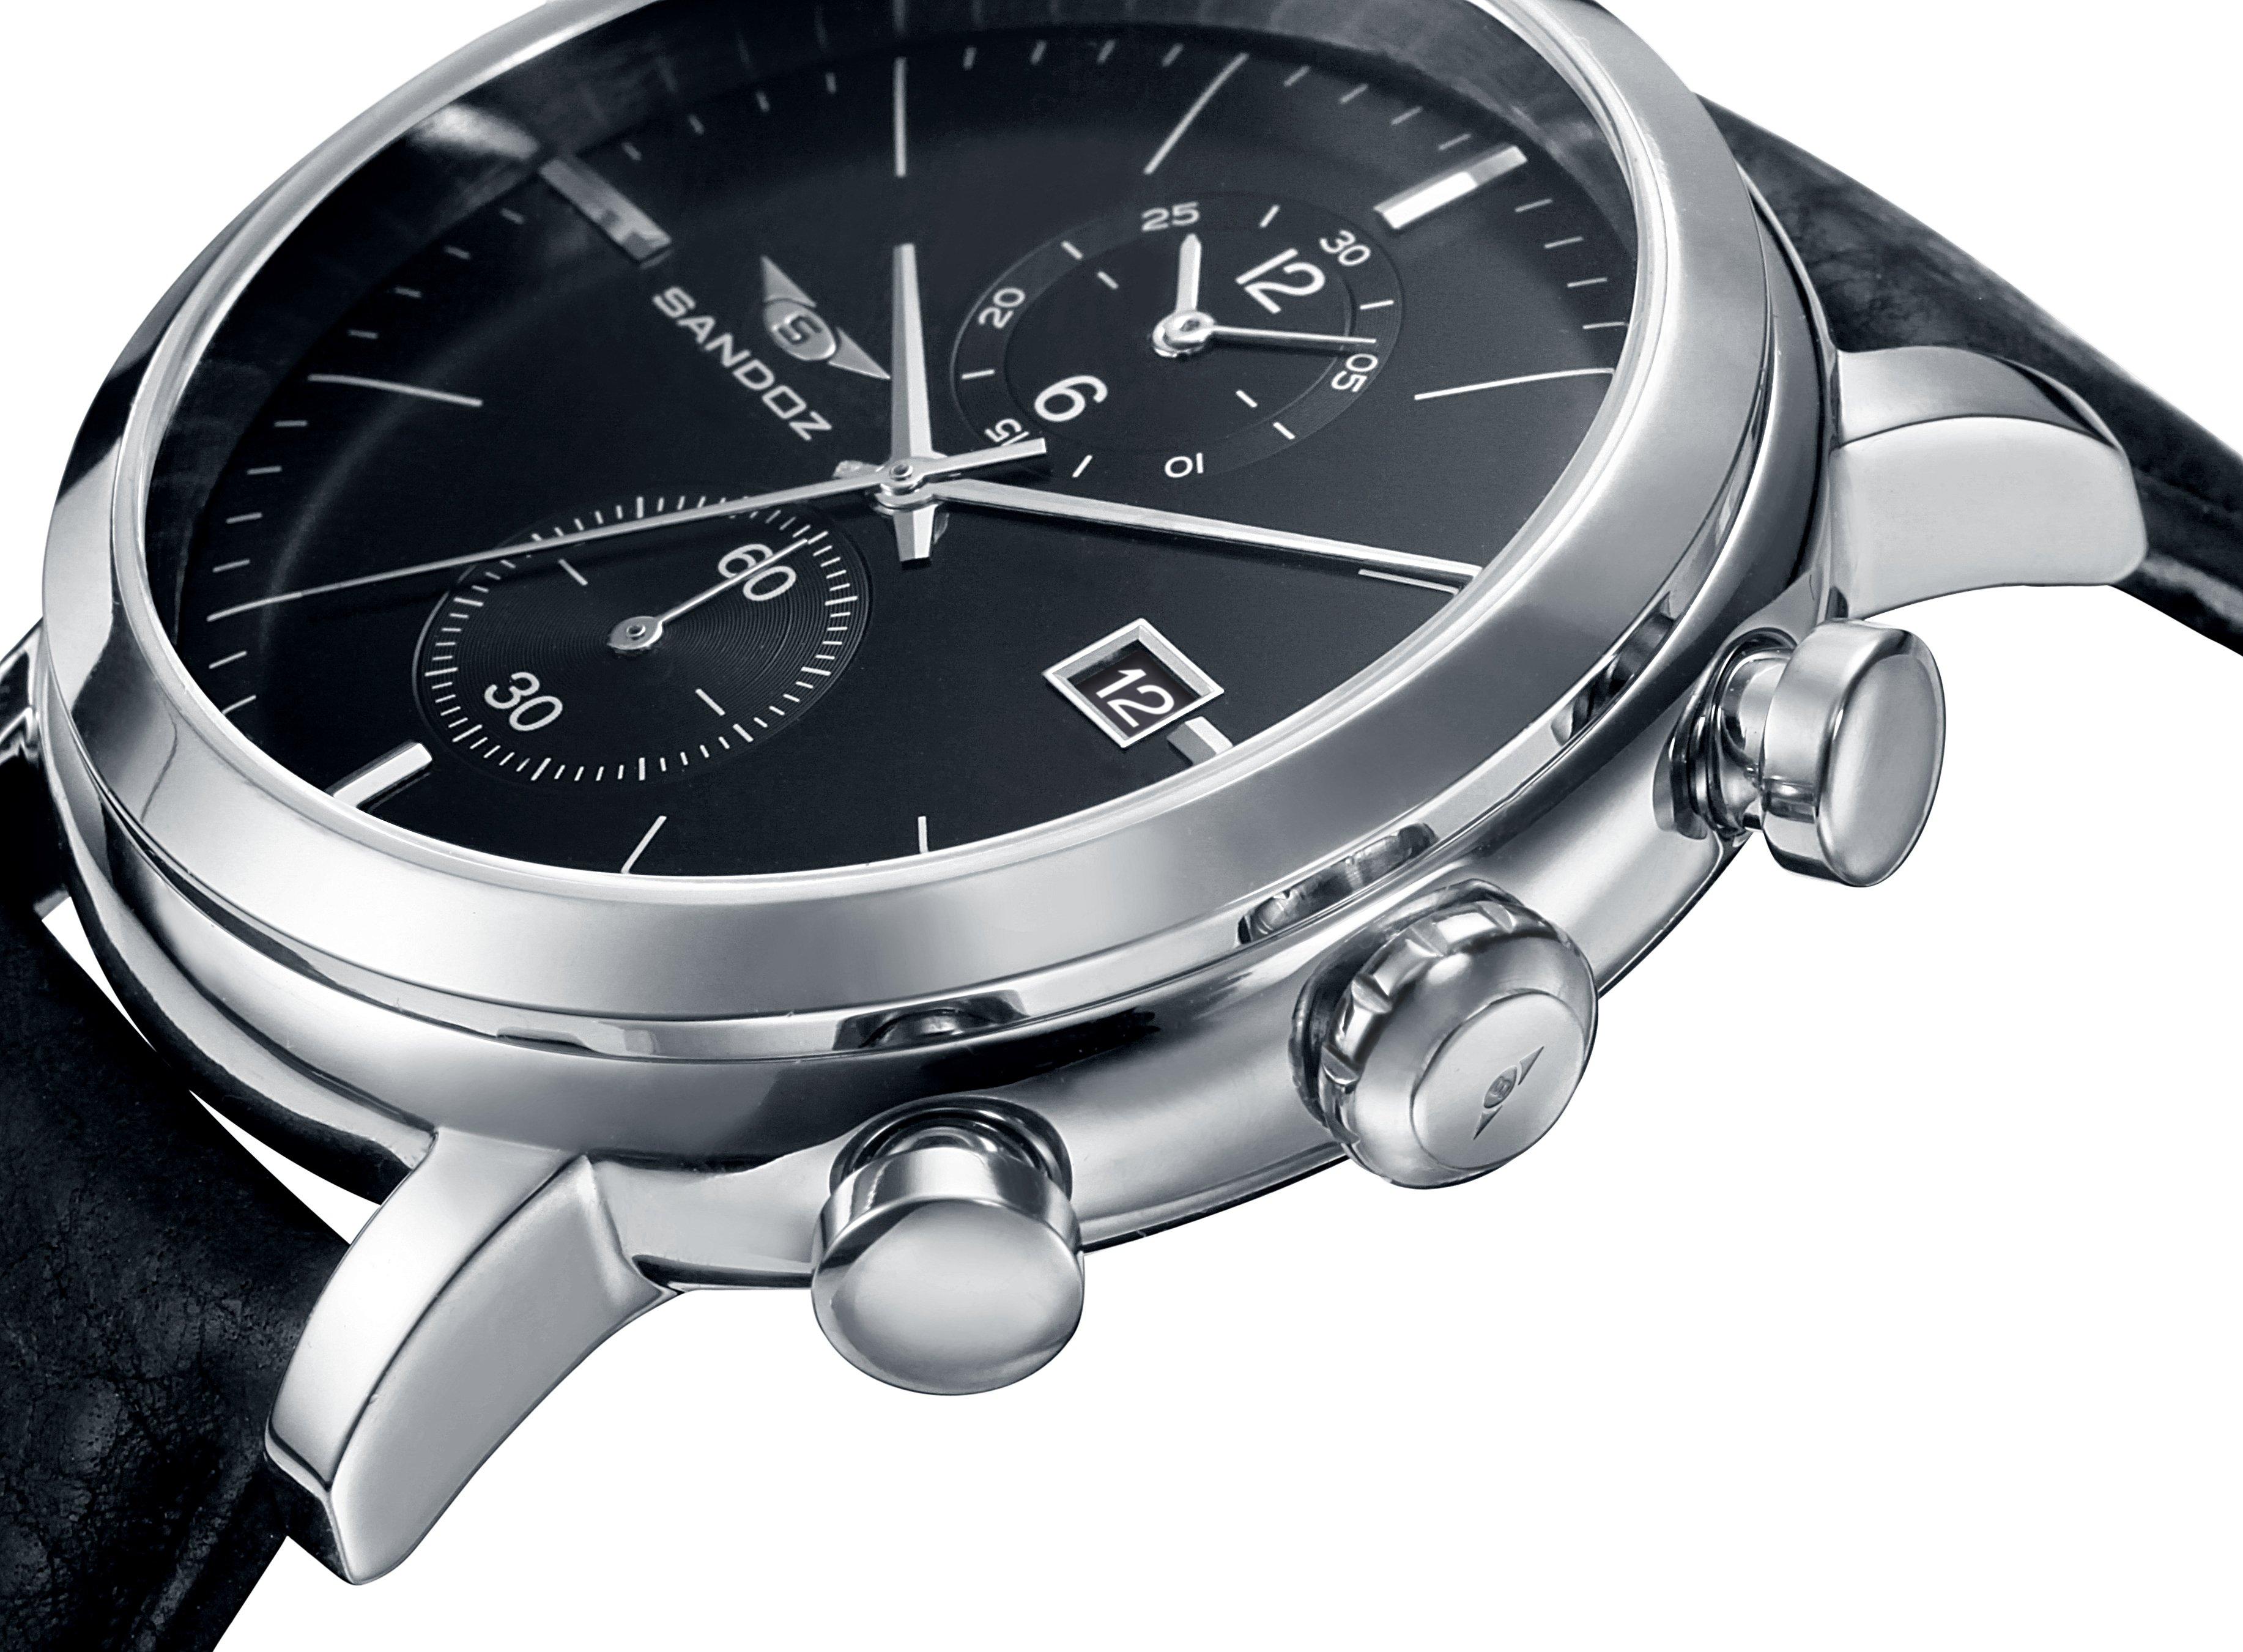 Часовой бренд сандоз зарекомендовал себя на рынке, как производитель безупречных часов.